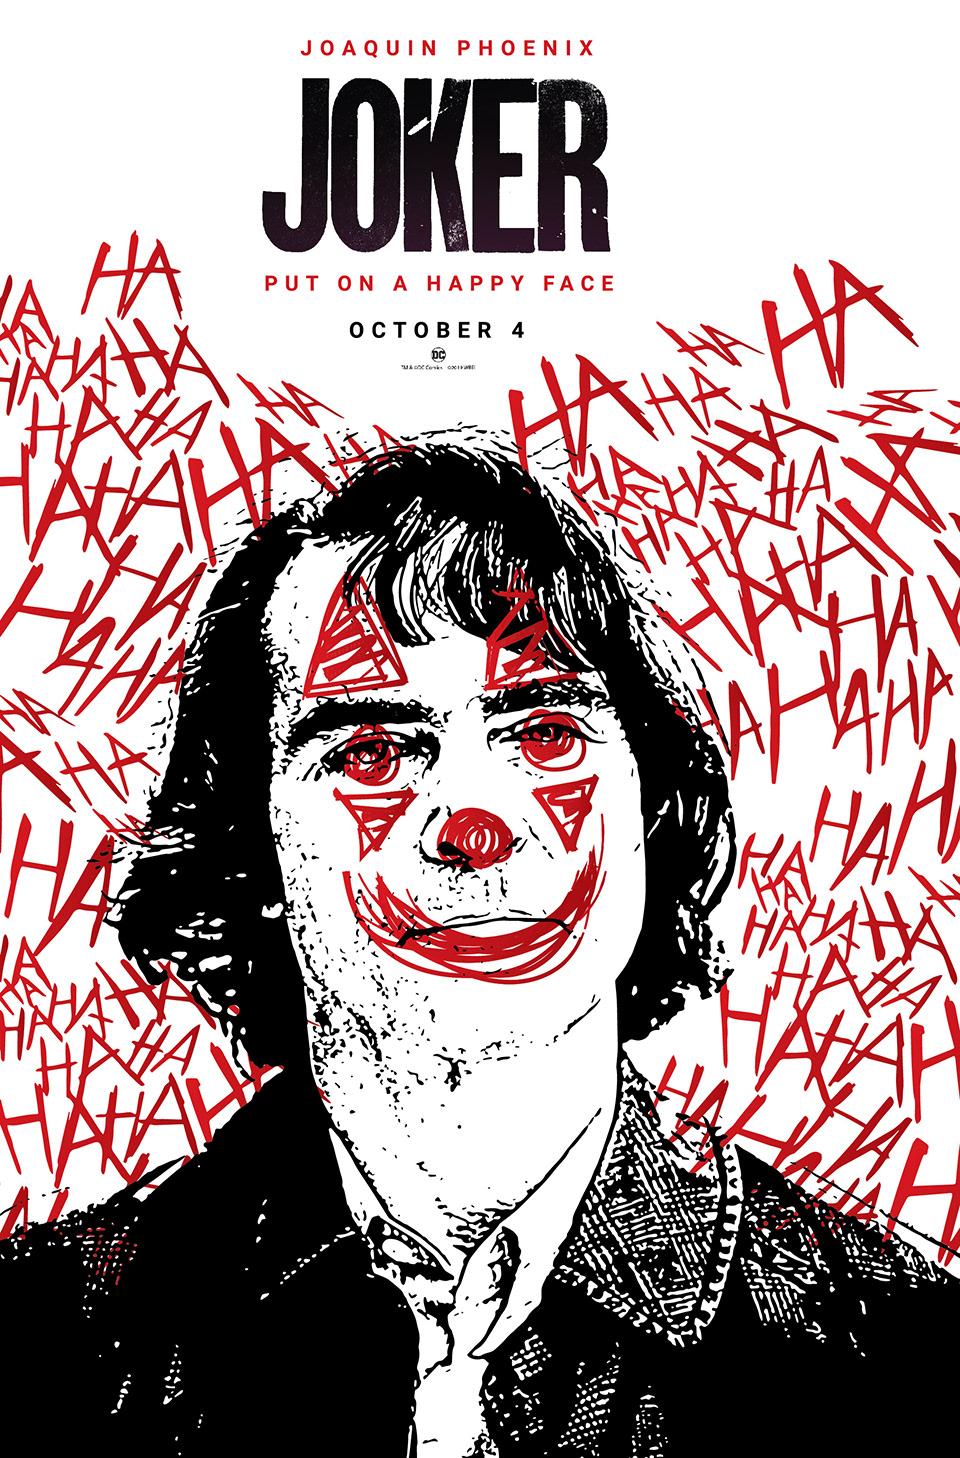 Joker 2019 Alternative Movie Poster On Behance